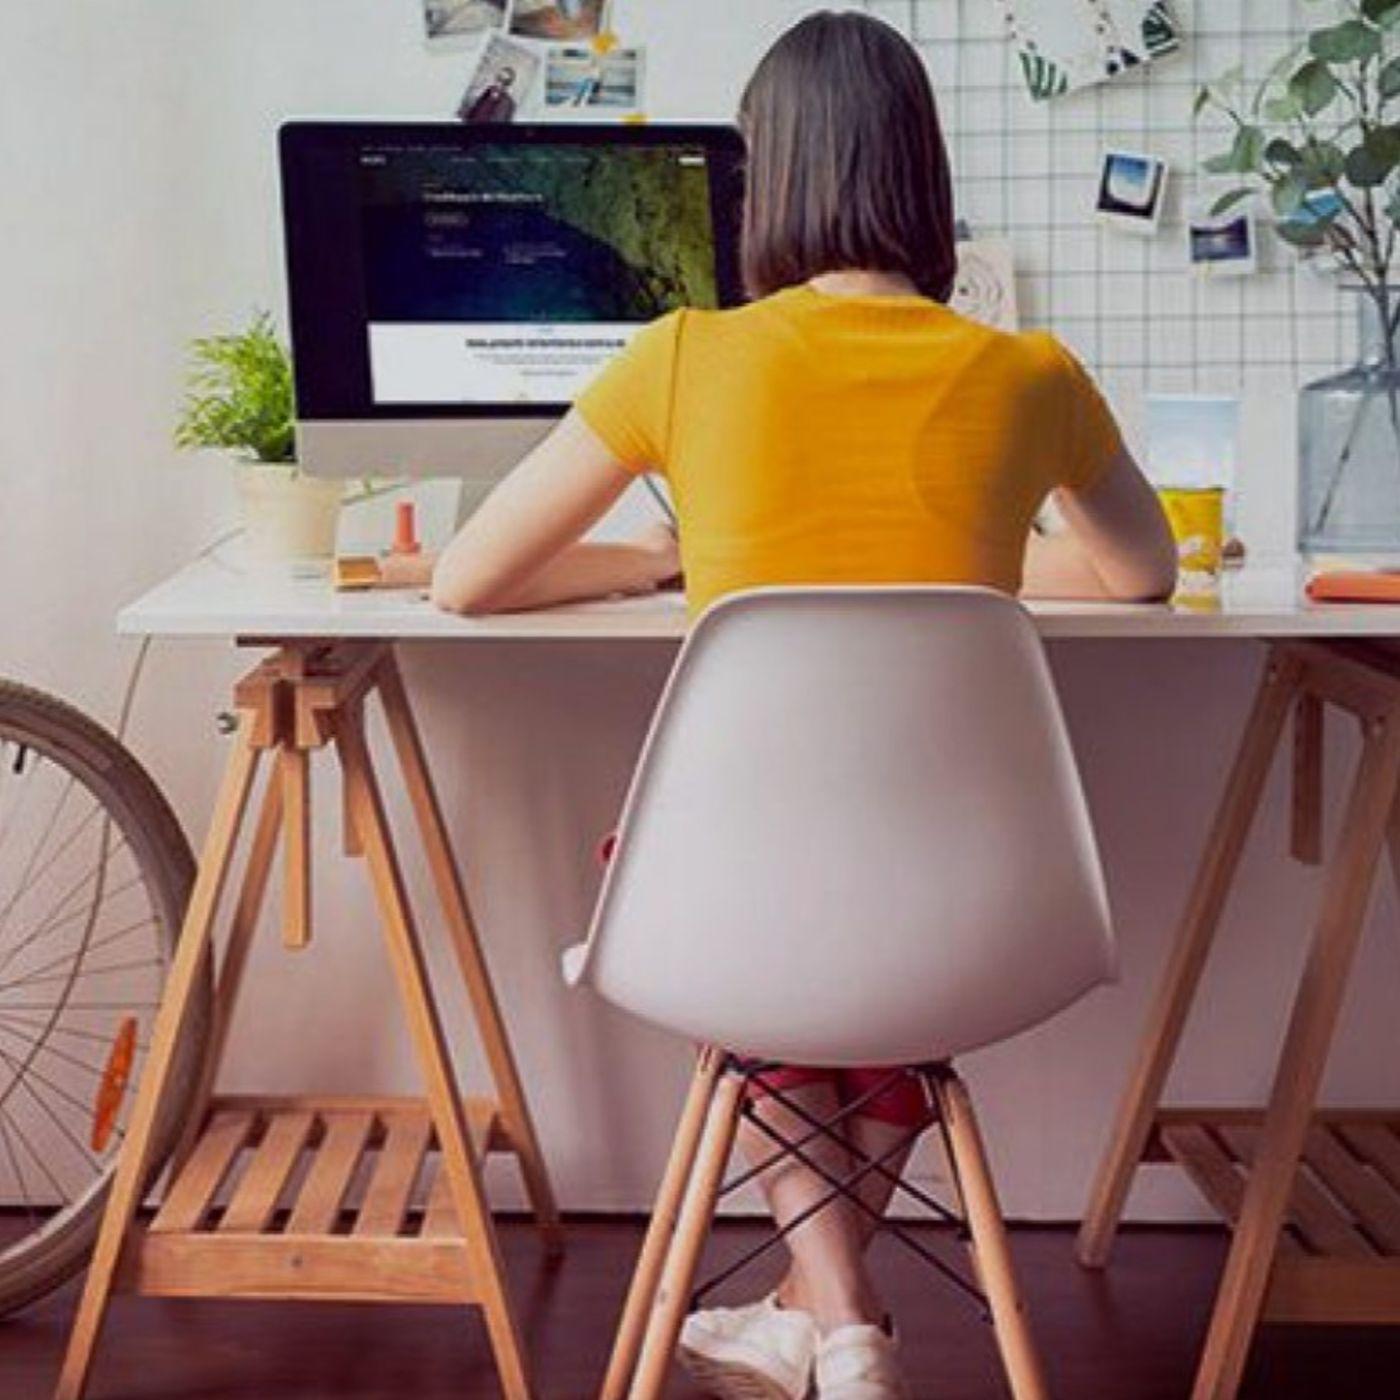 Lo smart working aumenta i rischi per la sicurezza? Lo chiedo a Fortinet